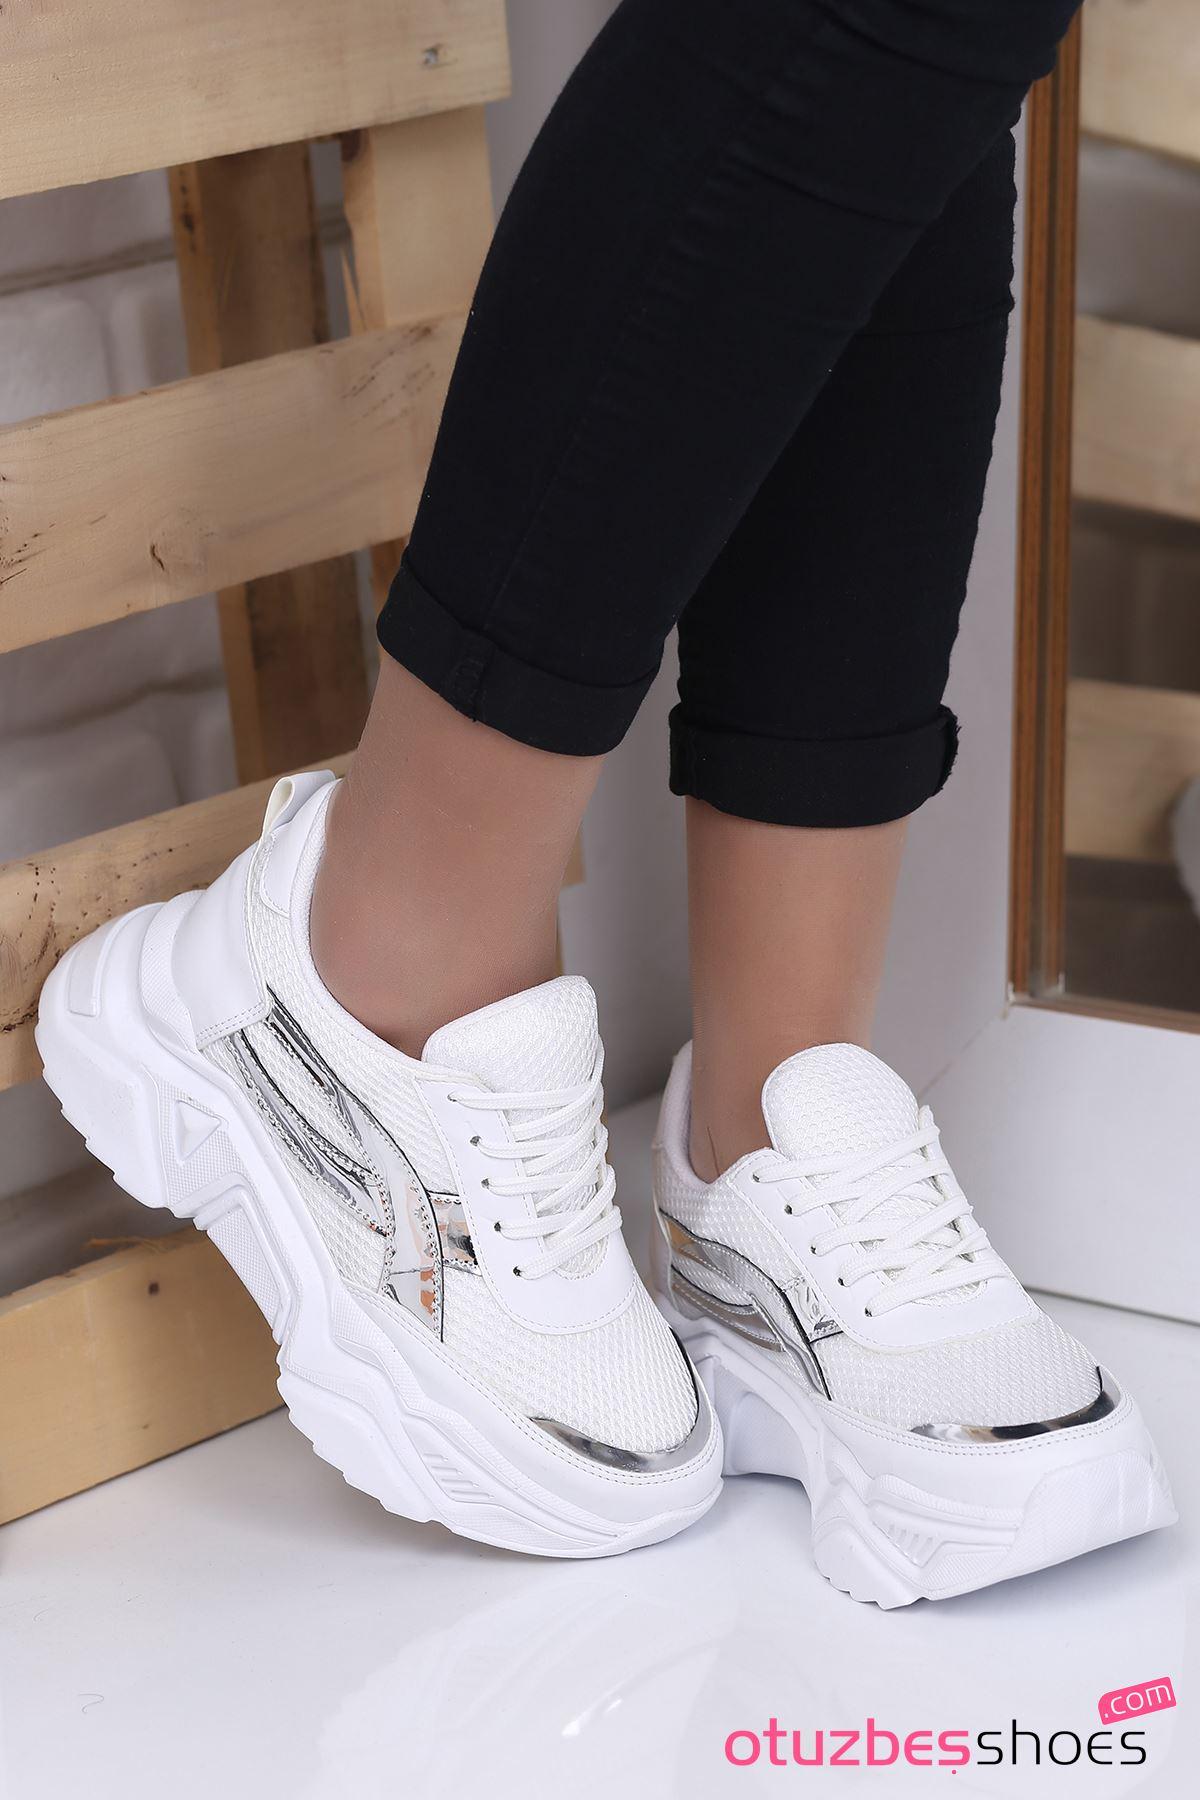 Ayça Mat Deri Hologram Detay FİLELİ Spor Ayakkabı Beyaz